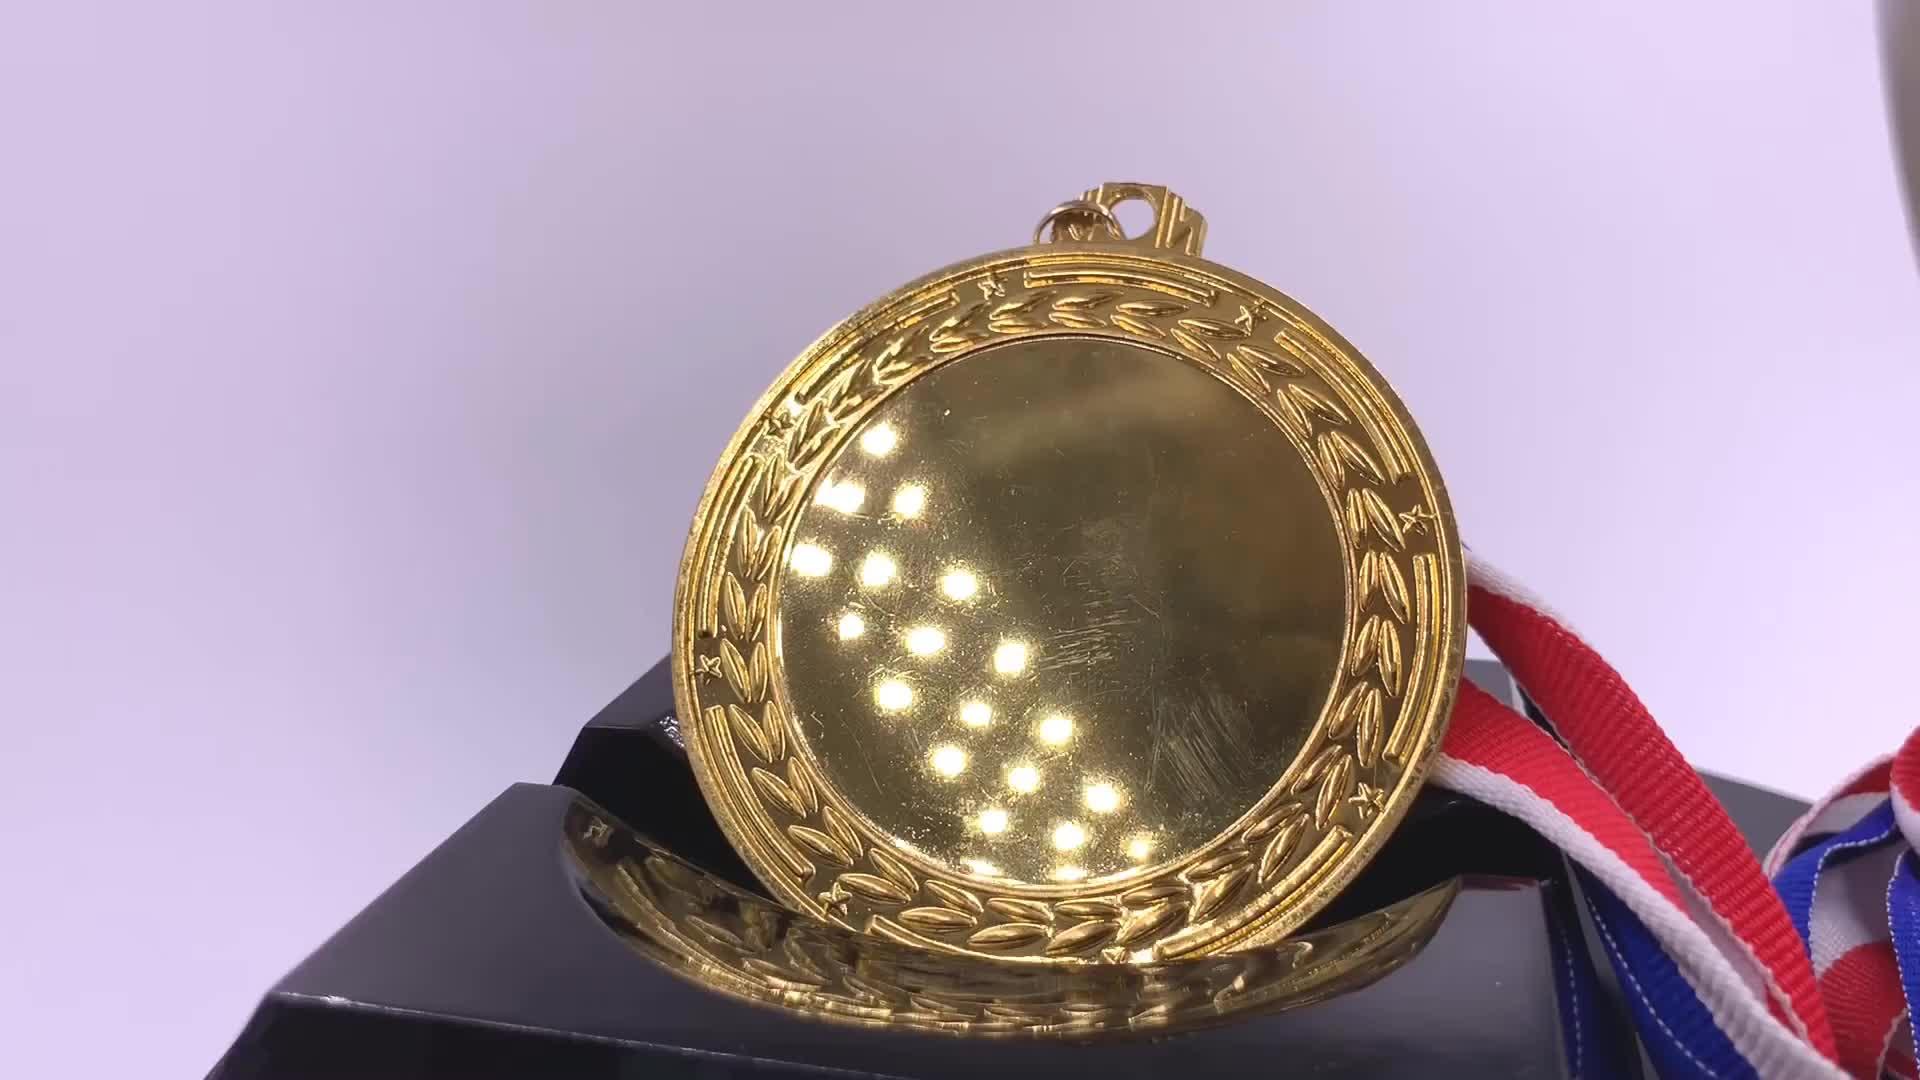 अपने खुद के डिजाइन बनाने पदकों खाली सम्मिलित करें सम्मान की स्टीकर स्वर्ण पदक, पदक कस्टम पदक